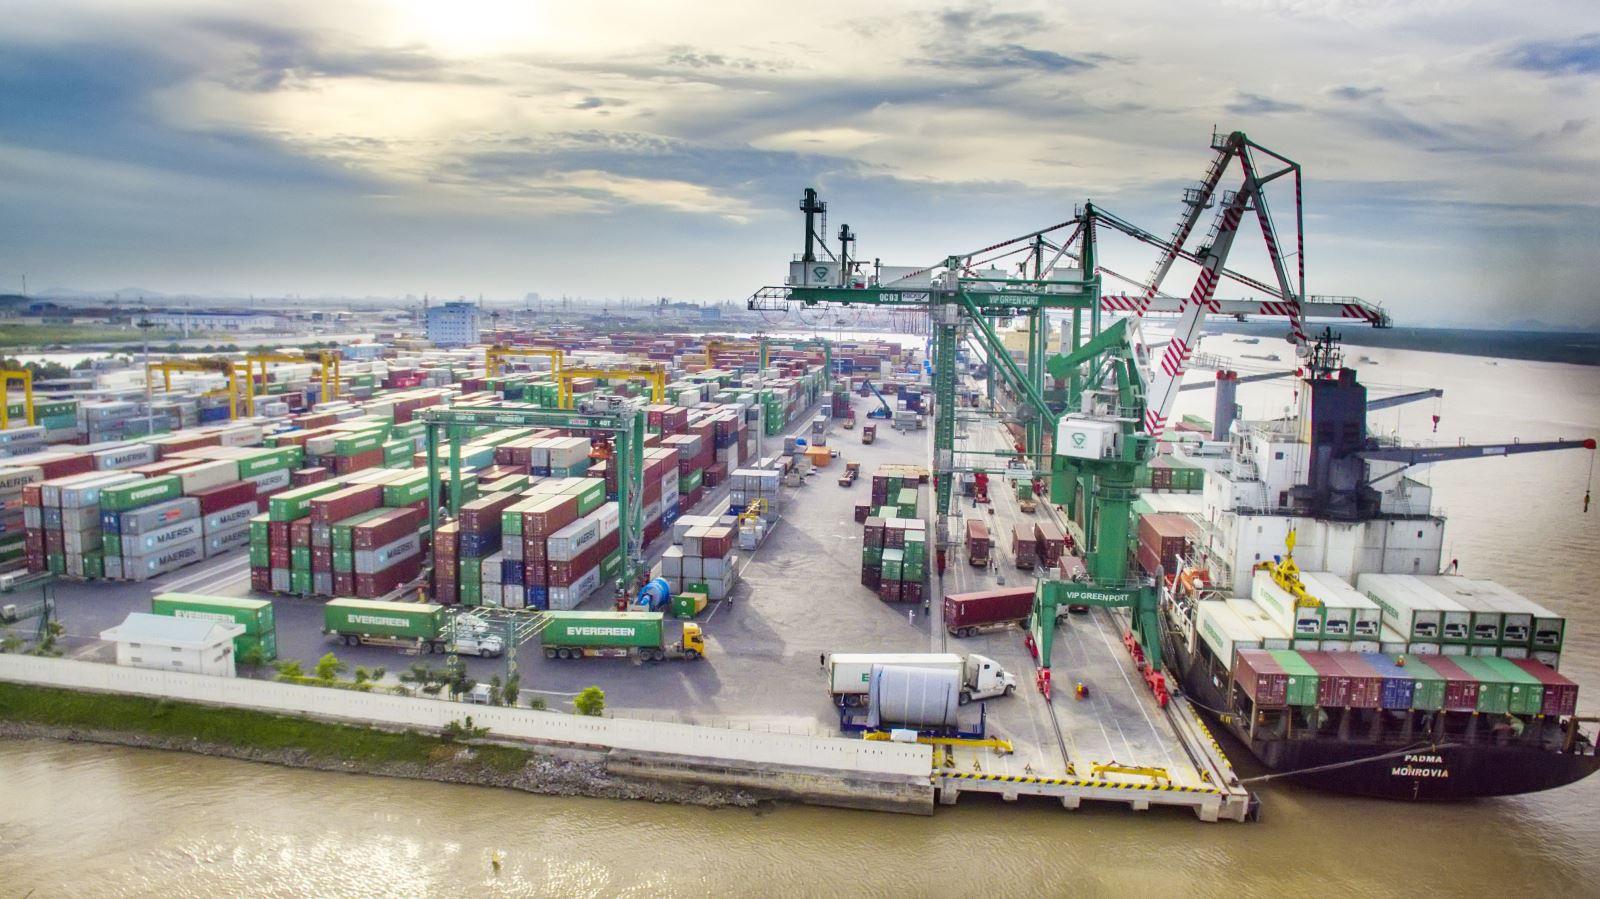 Thời điểm nộp chứng từ chứng nhận xuất xứ hàng hóa nhập khẩu